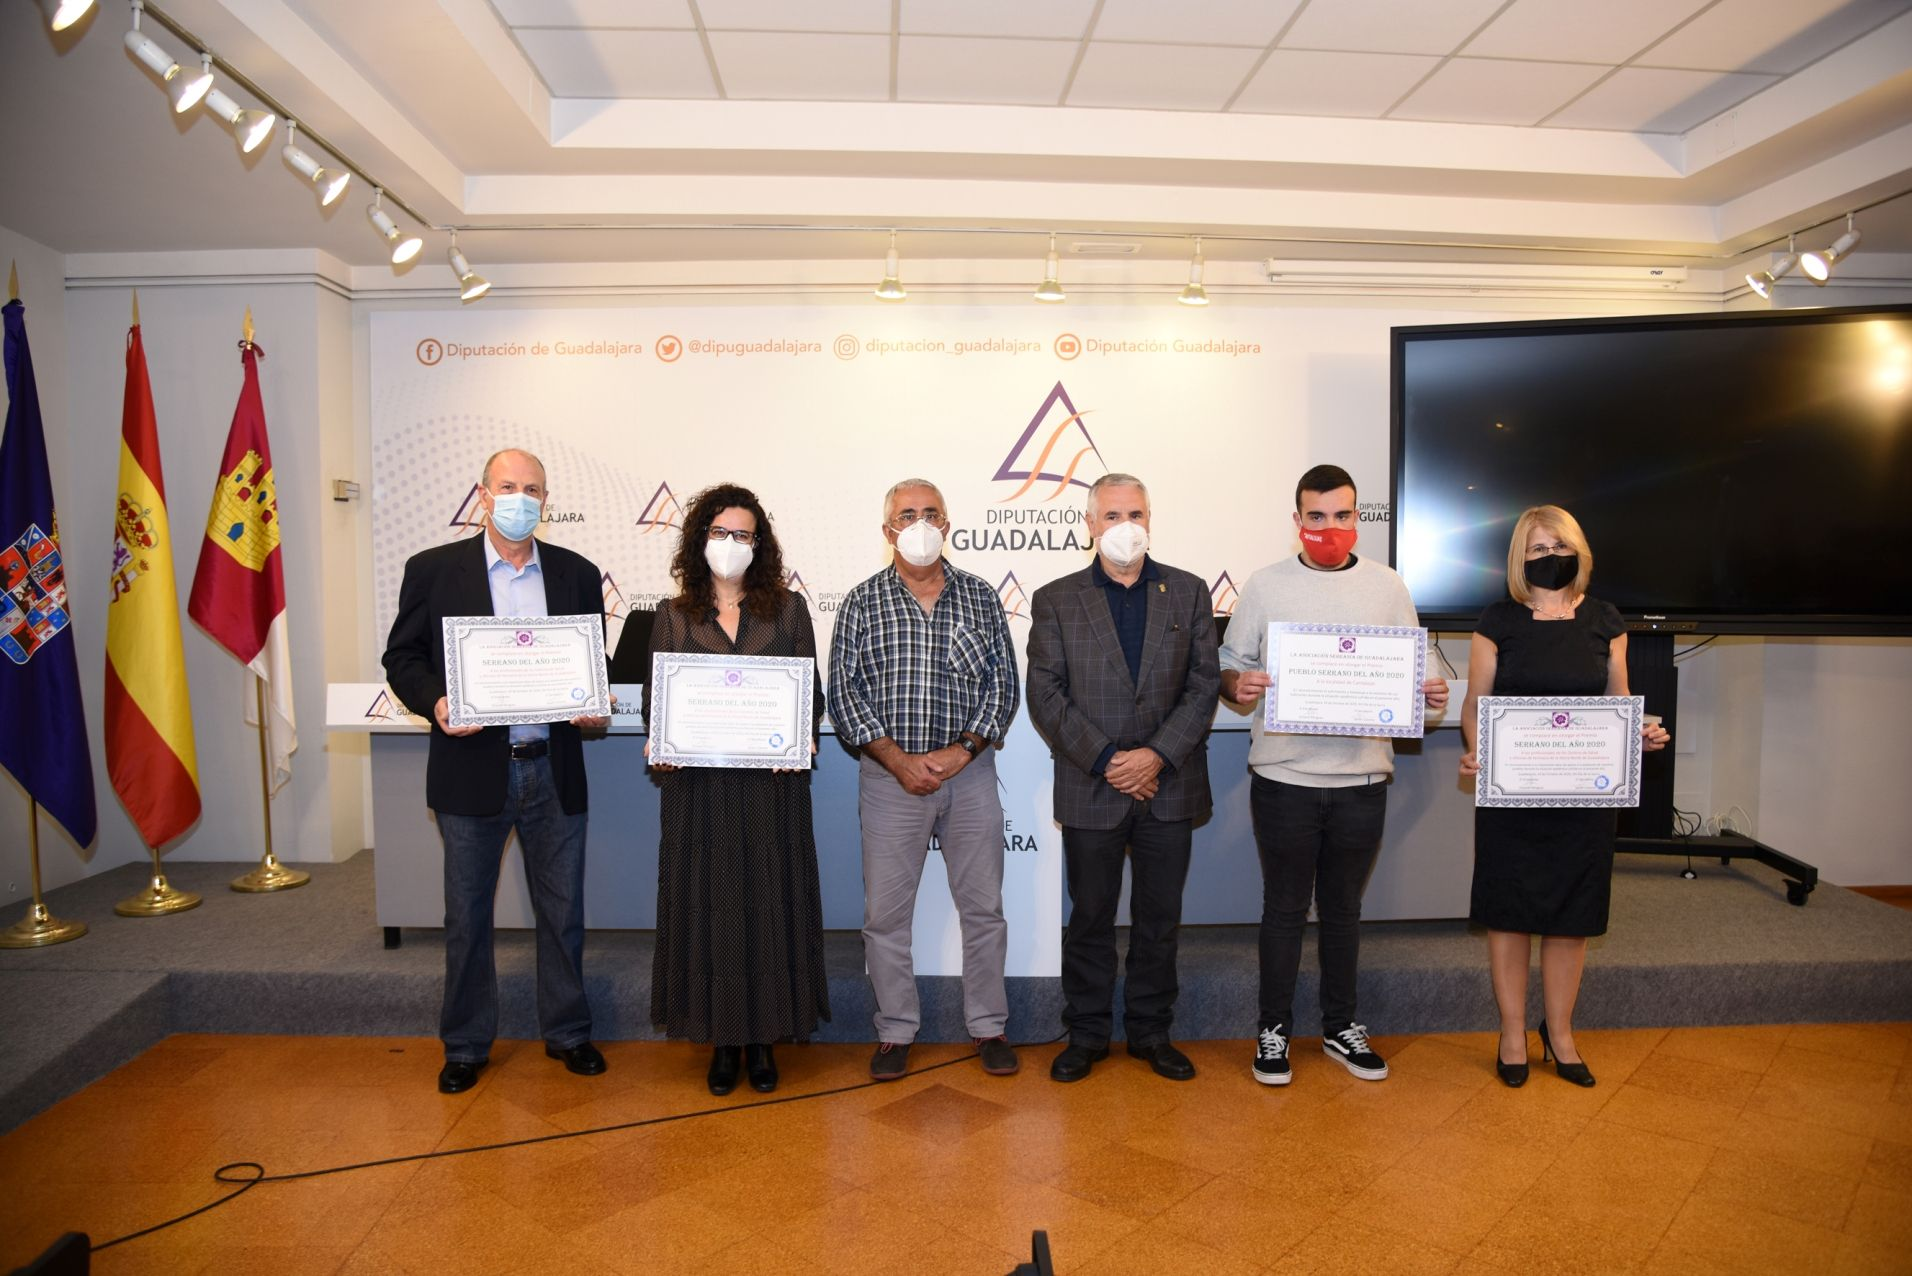 La Diputación acoge la entrega de premios del XIII Día de la Sierra, que este año tiene formato virtual